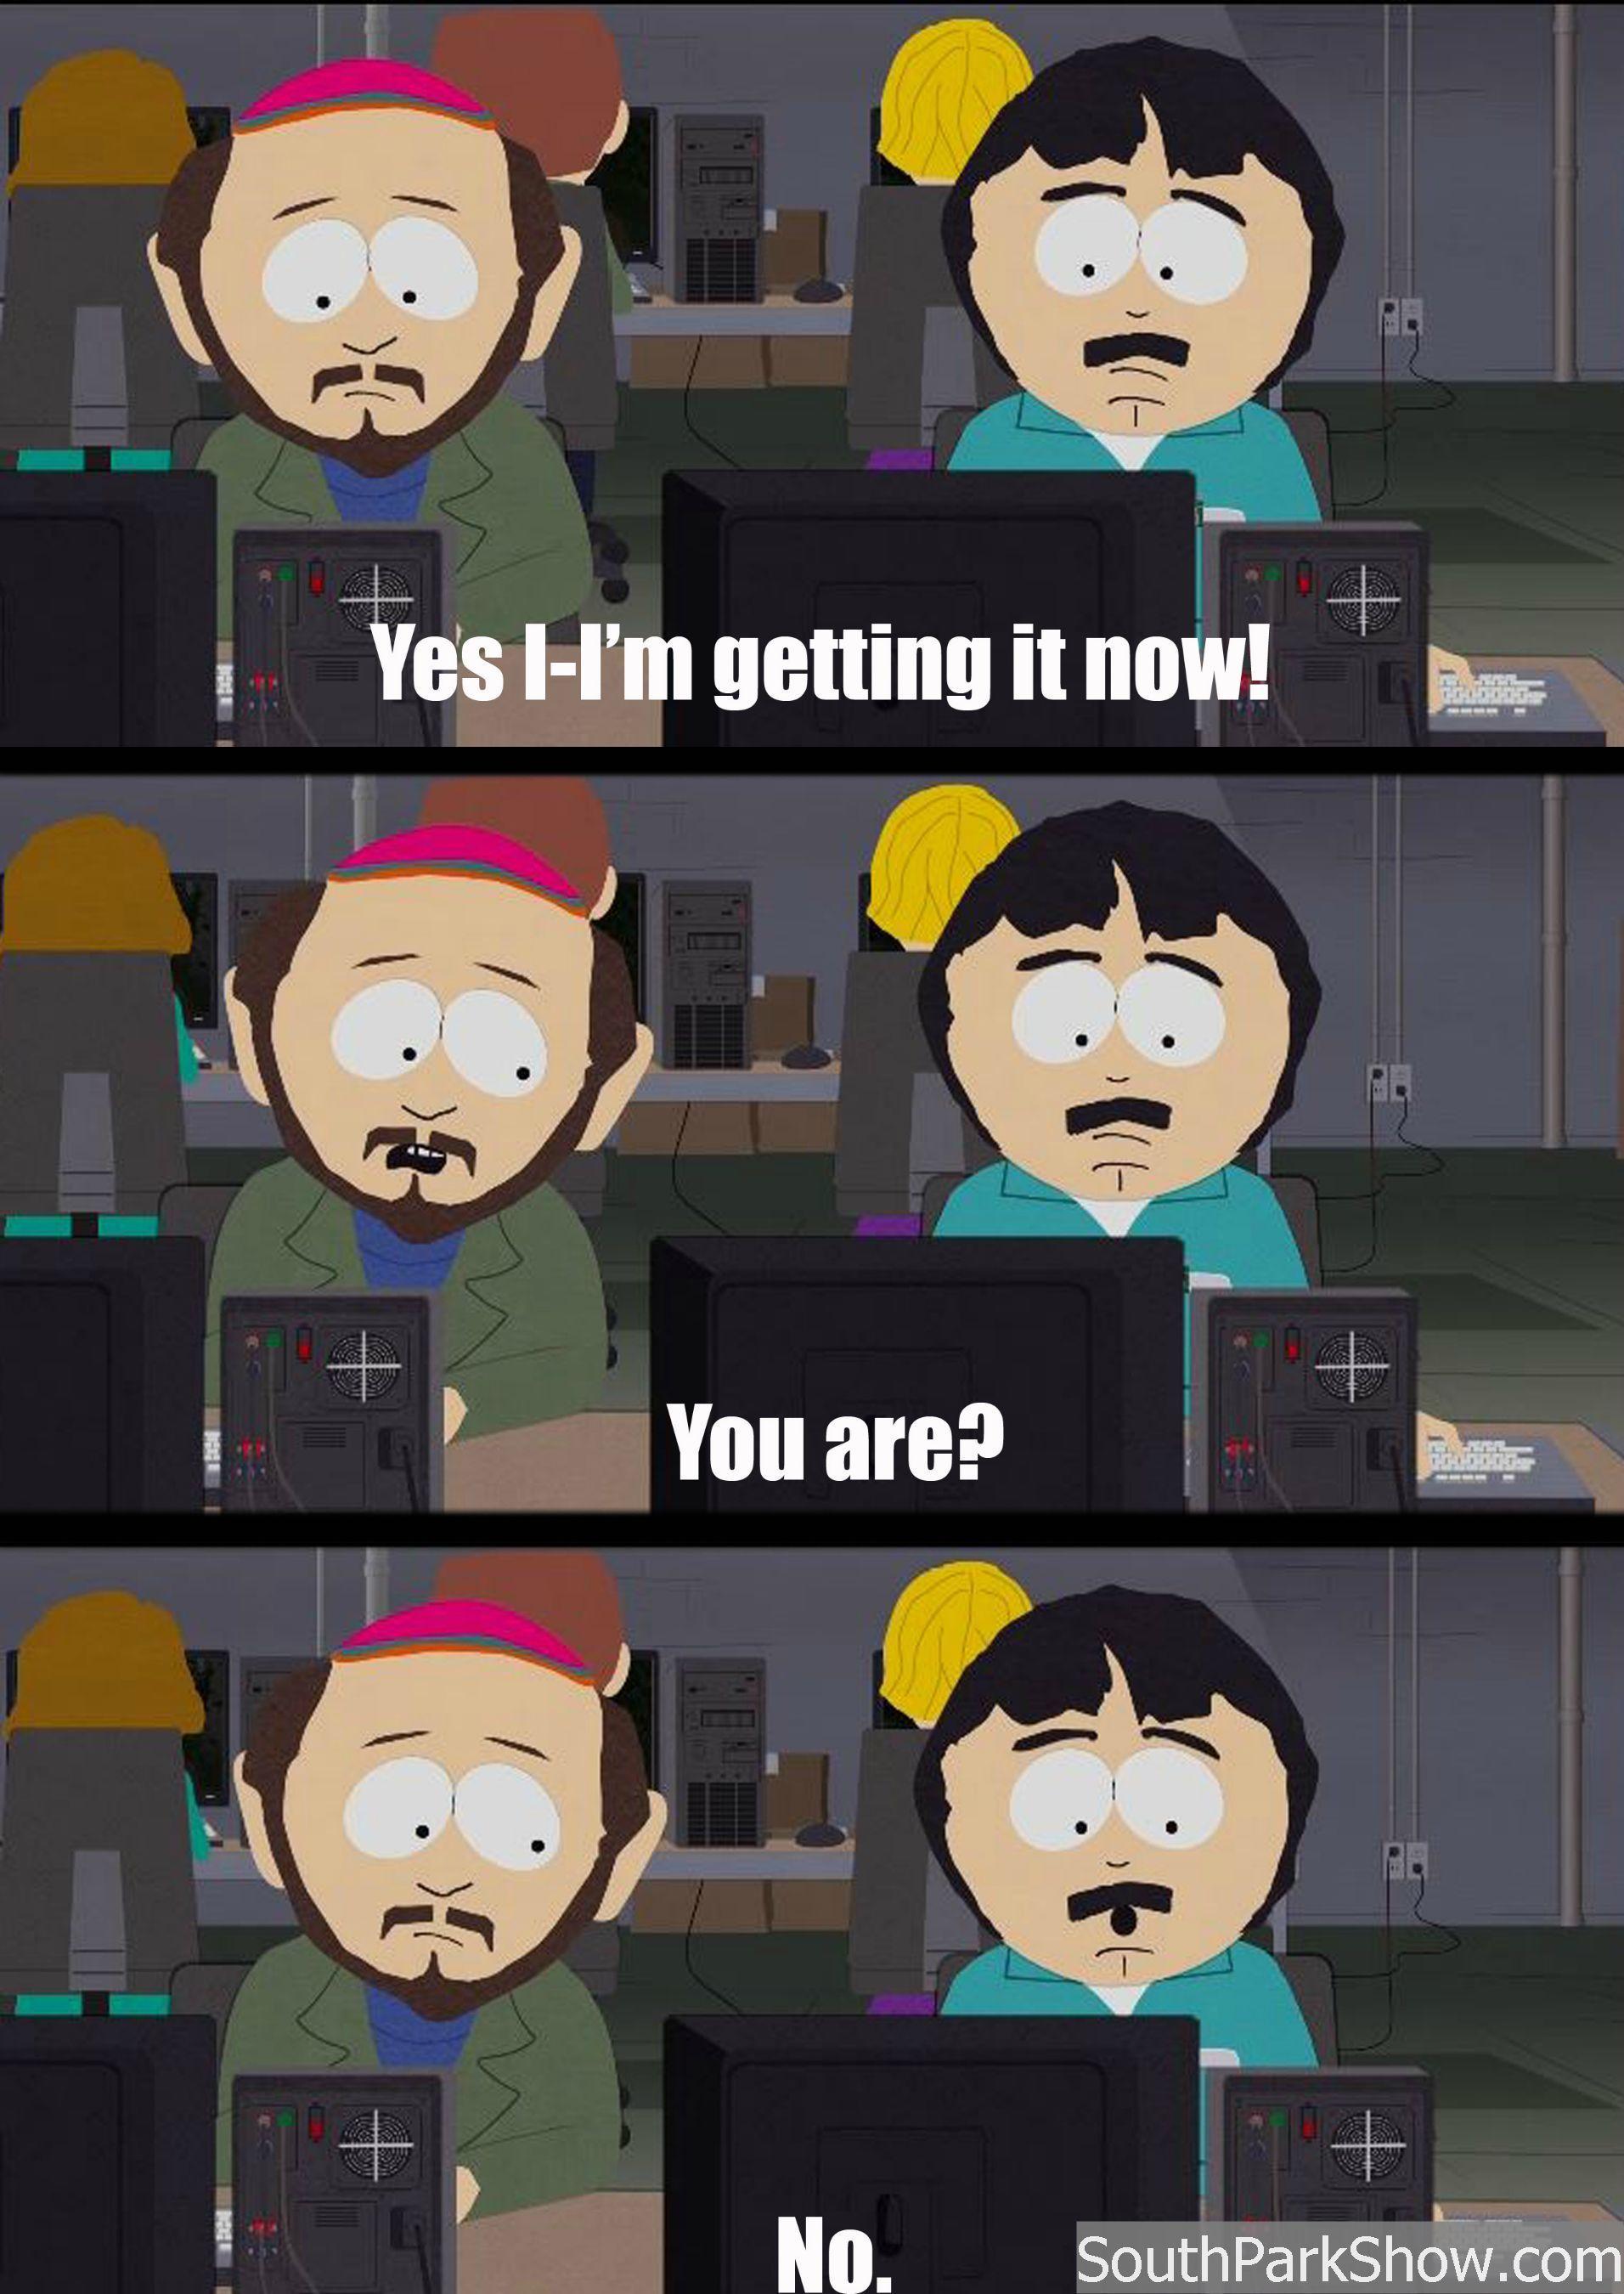 South Park Butters Eric Cartman - South Park - Pinterest